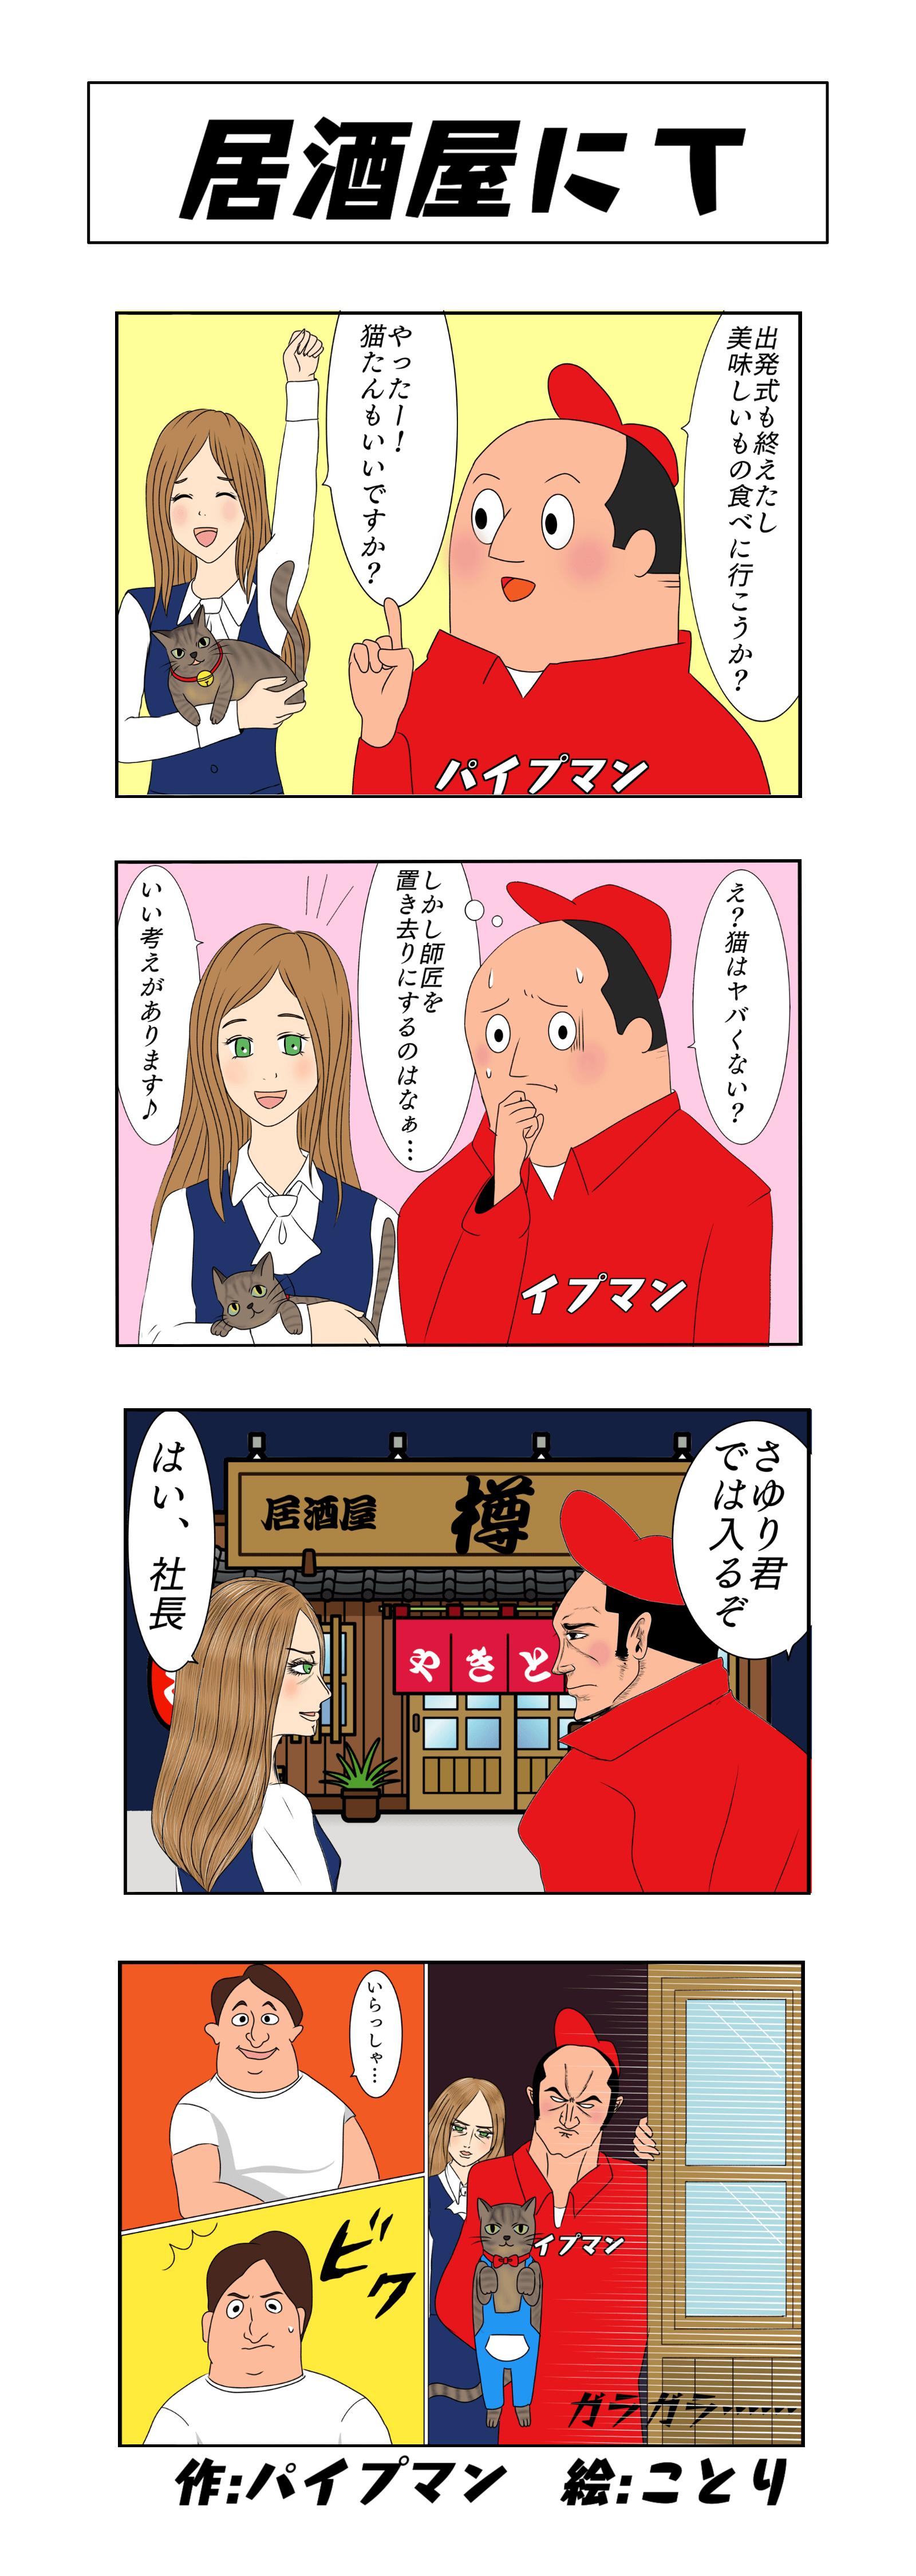 パイプマン漫画 第42話「居酒屋にて」